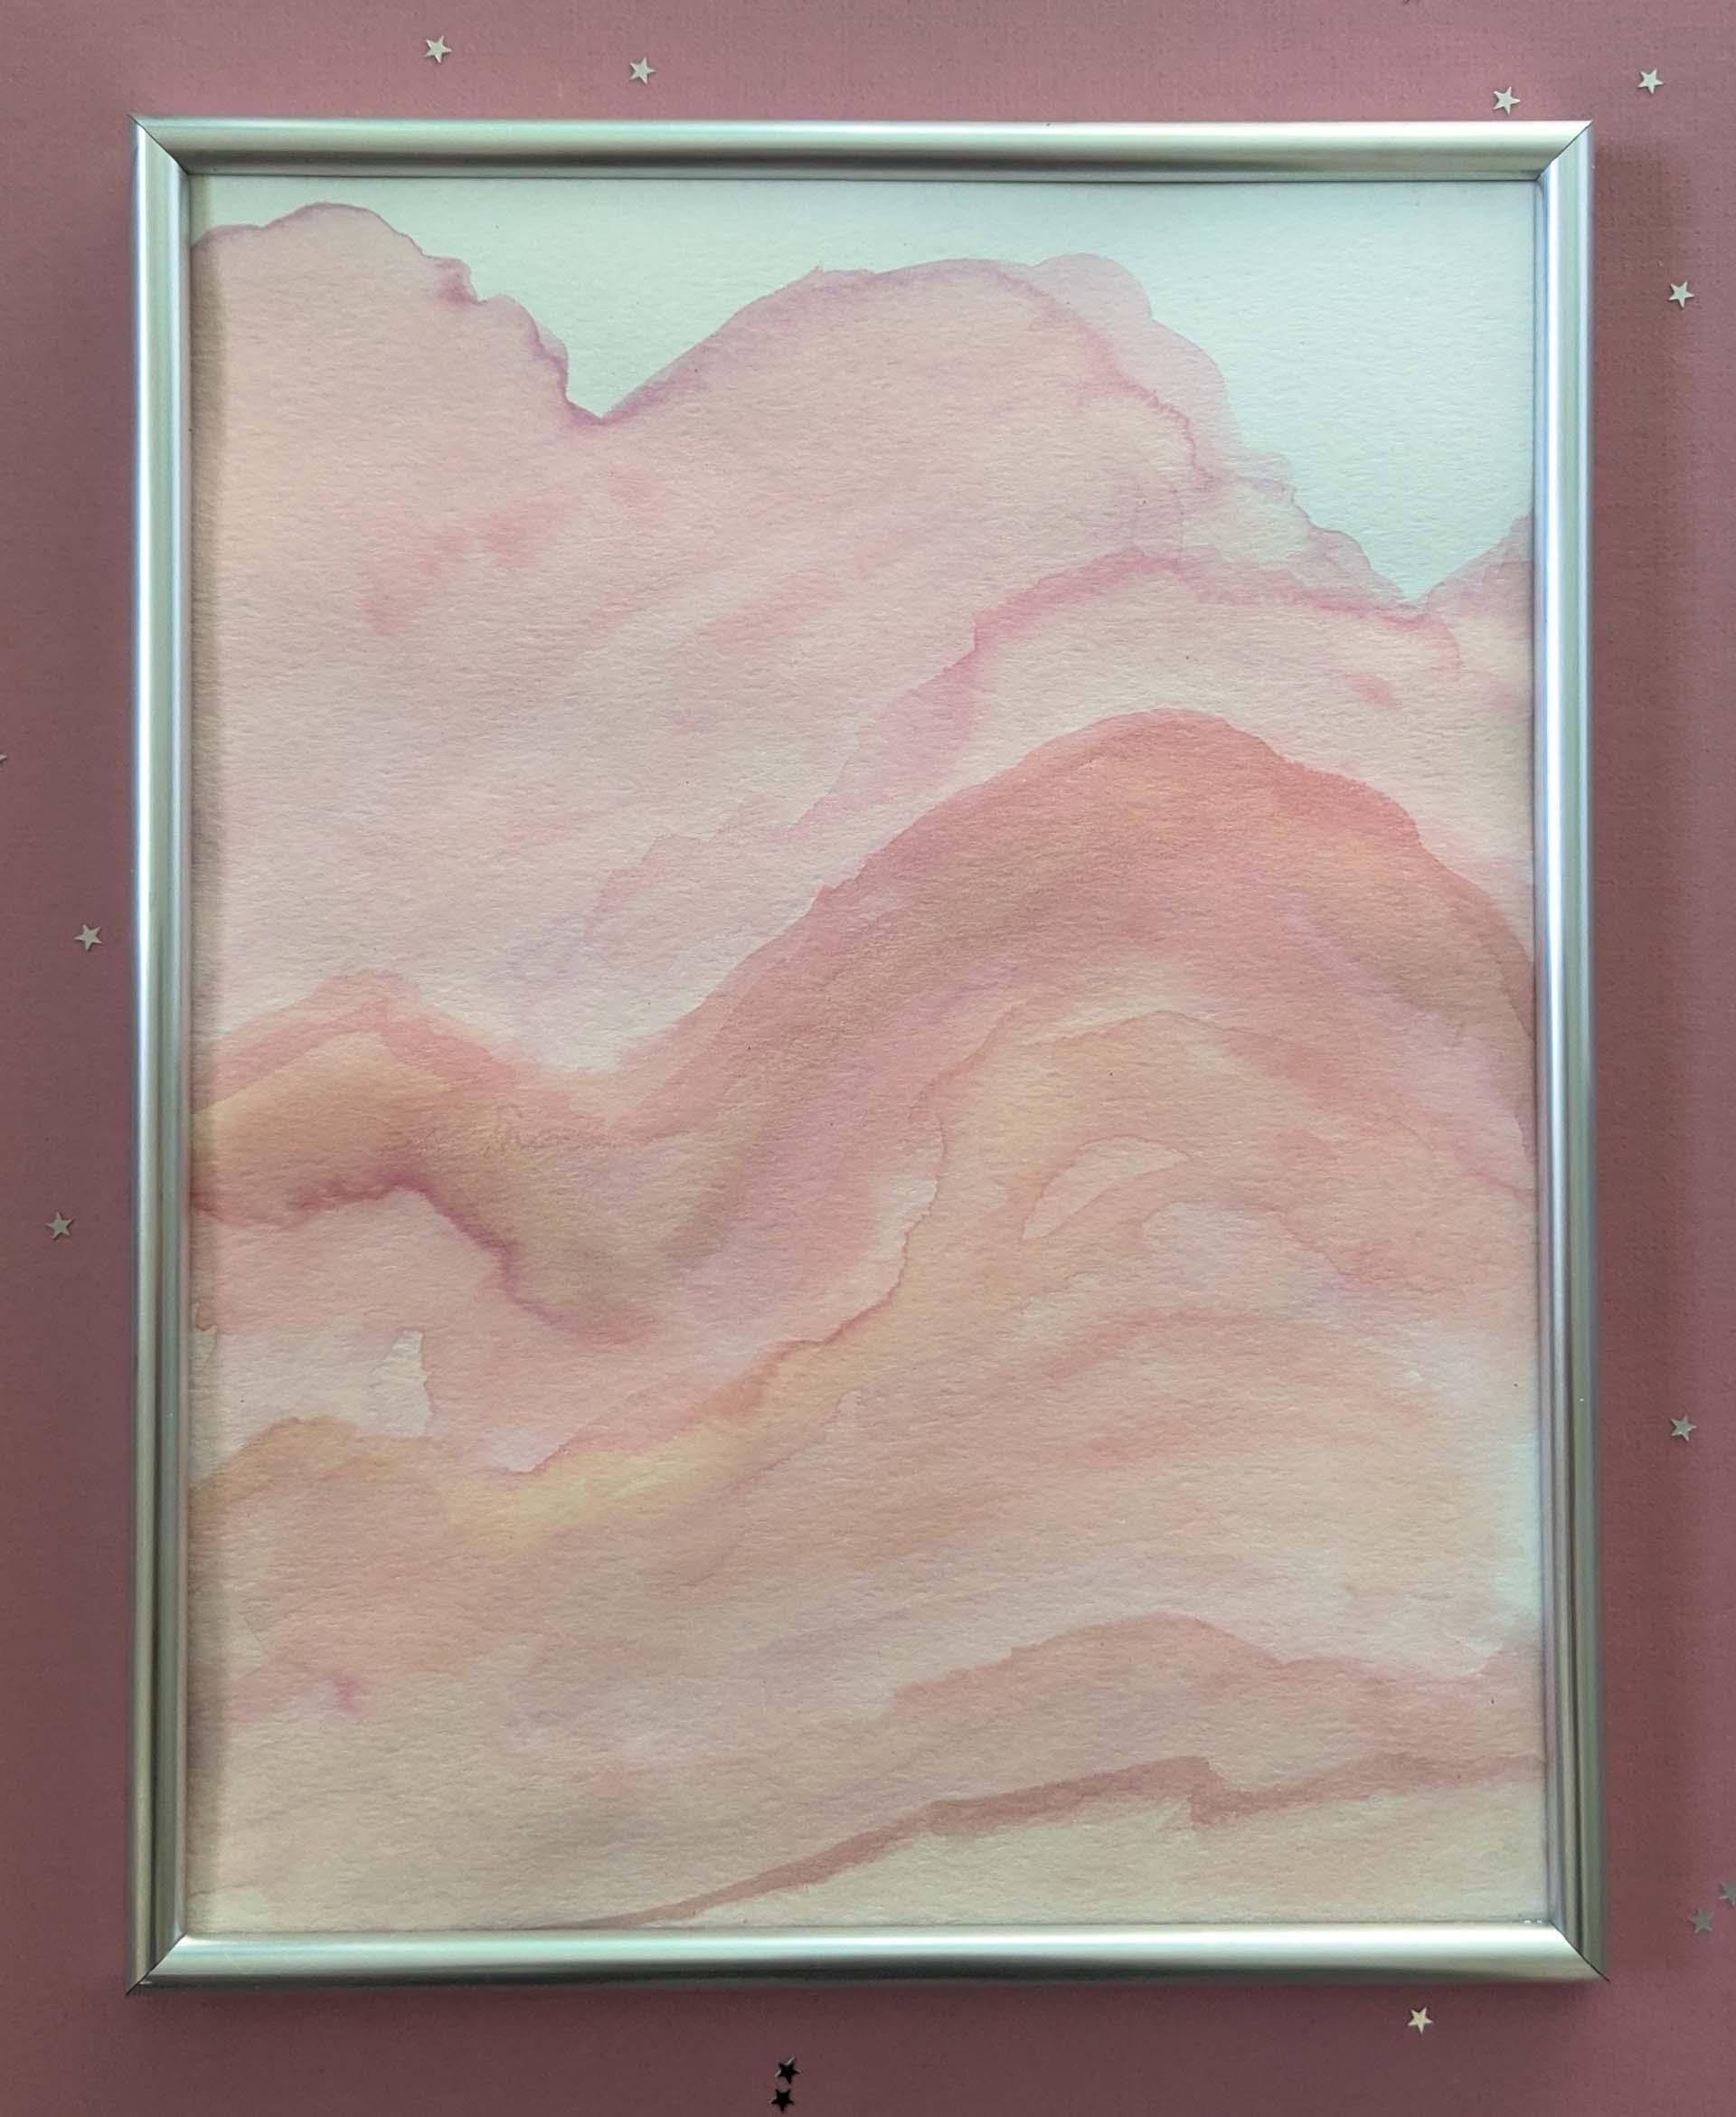 DIY pink and peach watercolor art